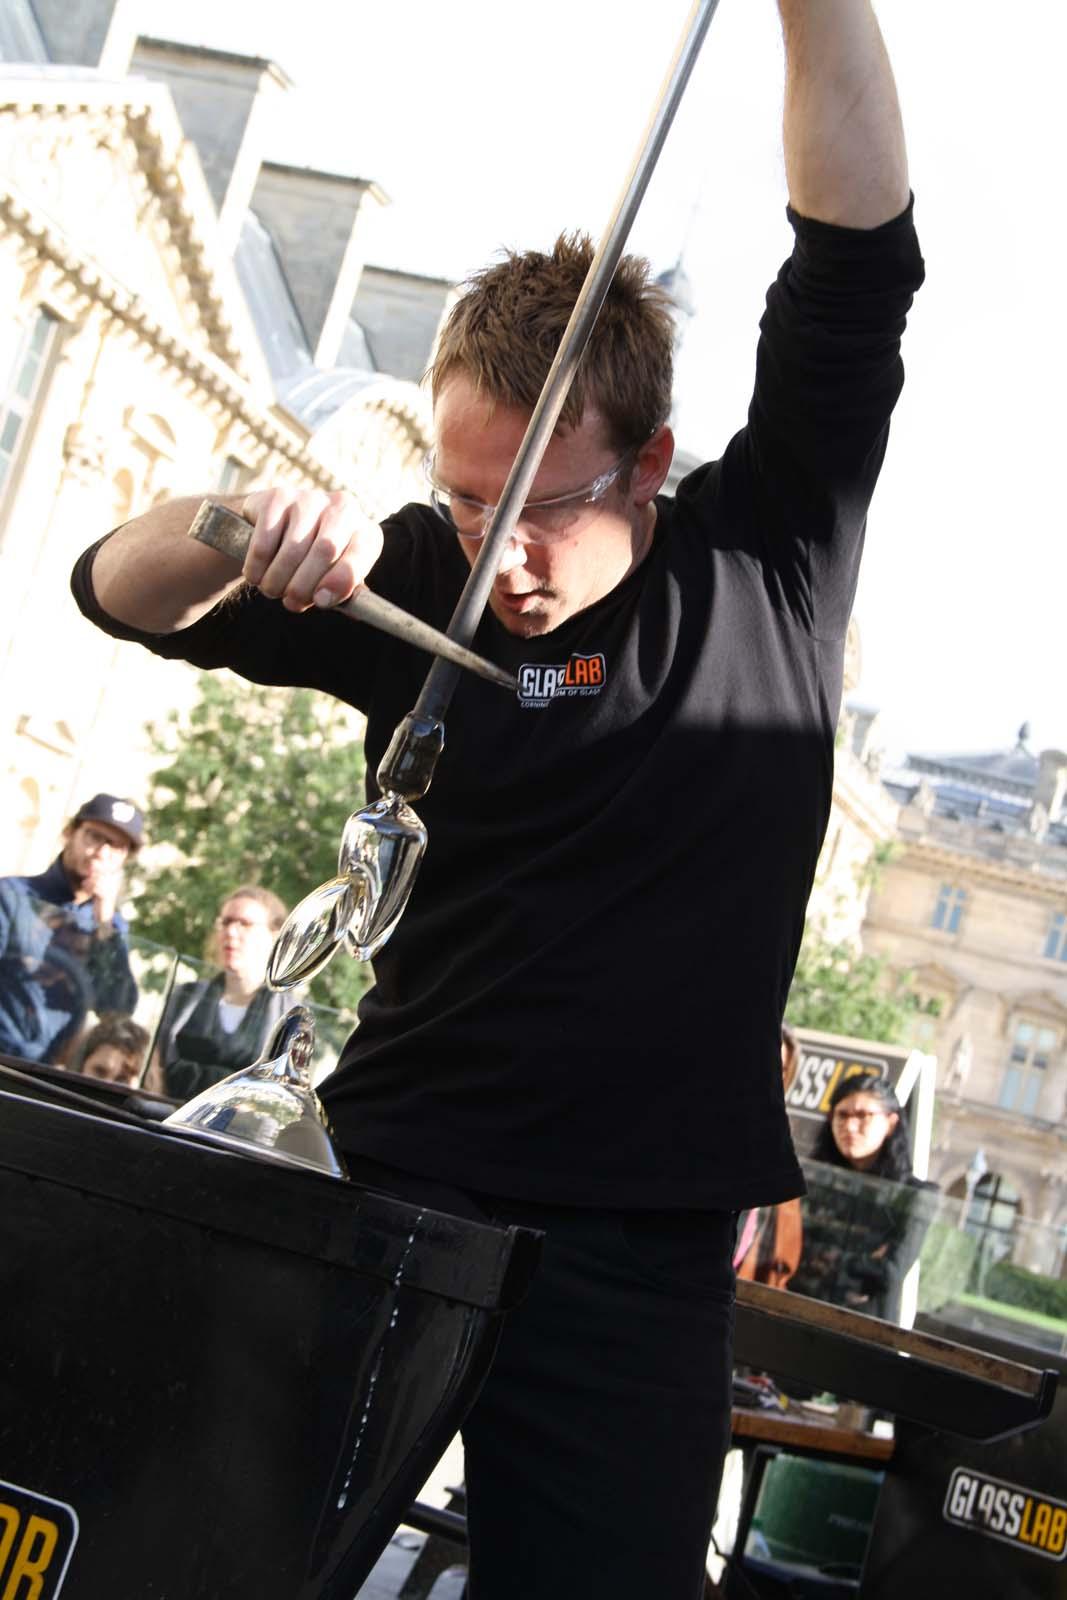 Designer Wendell Castle in a GlassLab design session in Paris, 2013